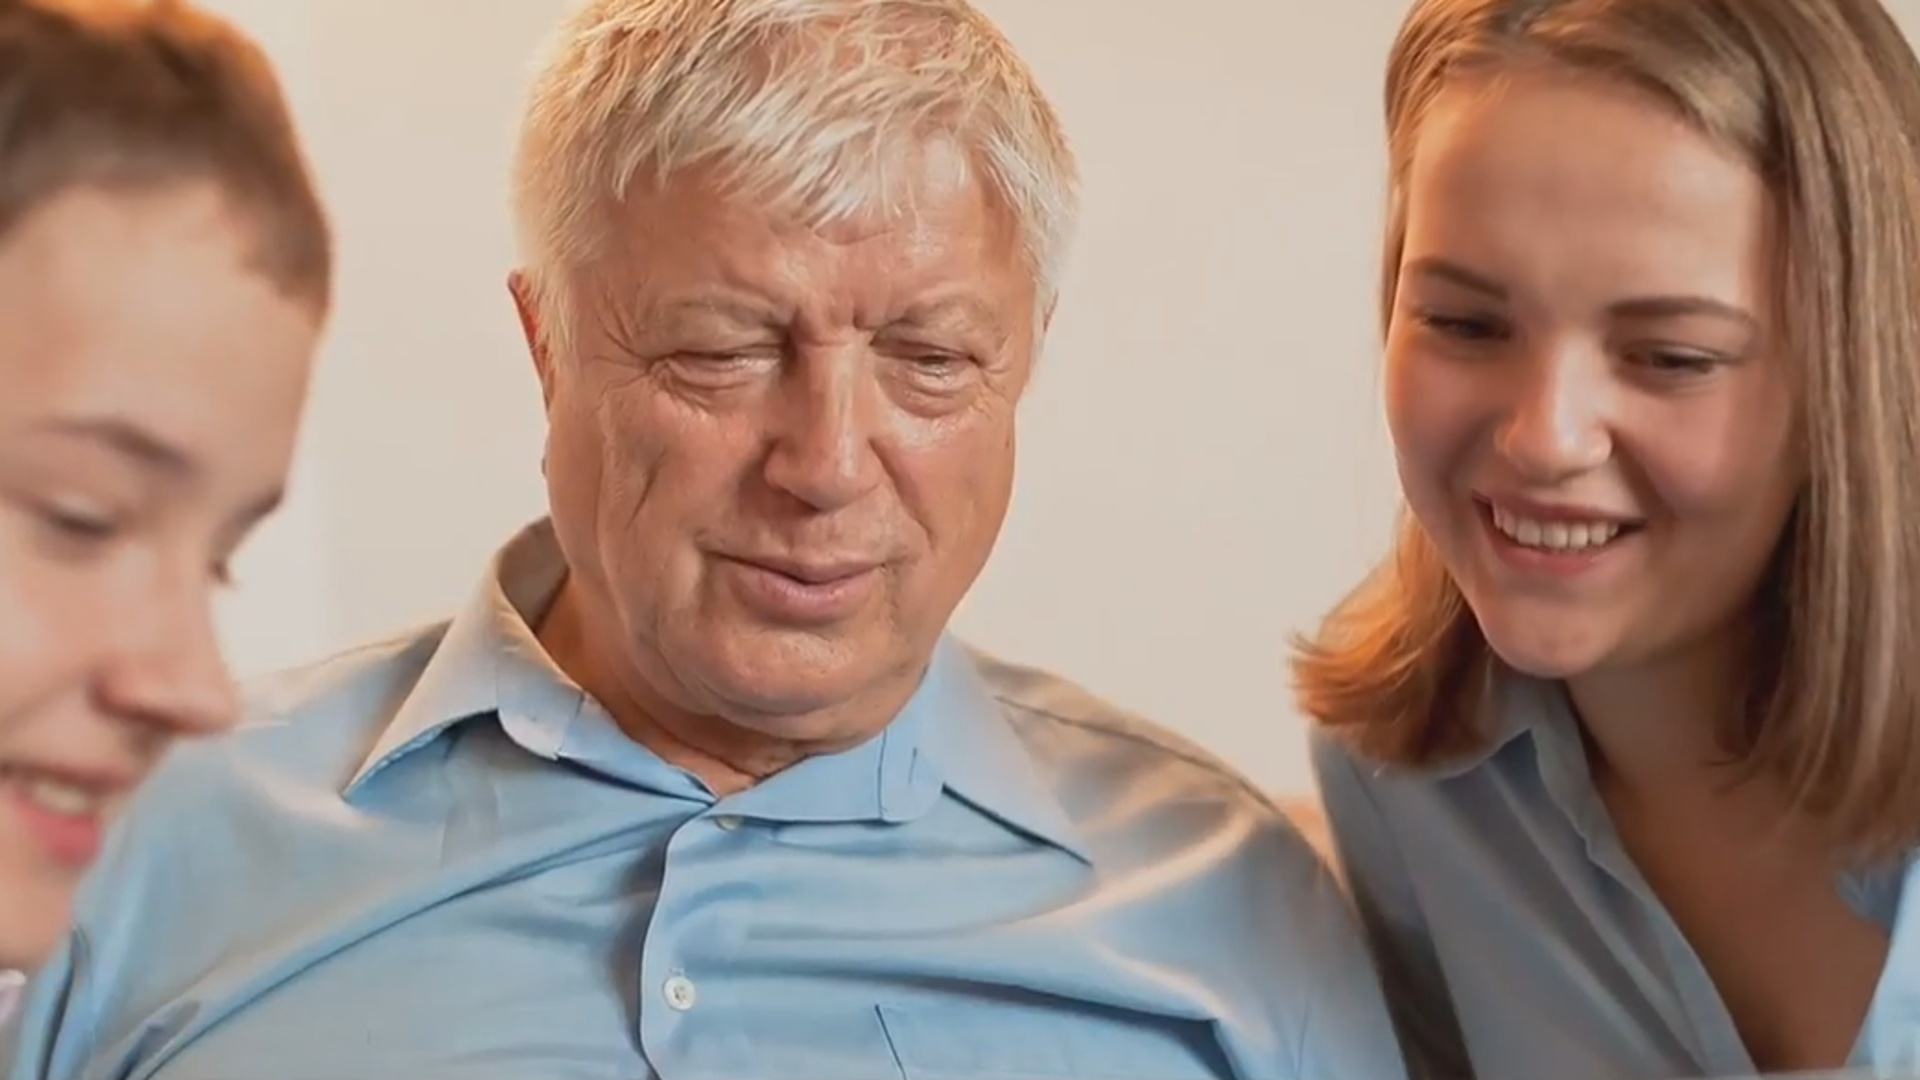 Çirkli hava şəraiti demensiya riskini artırır